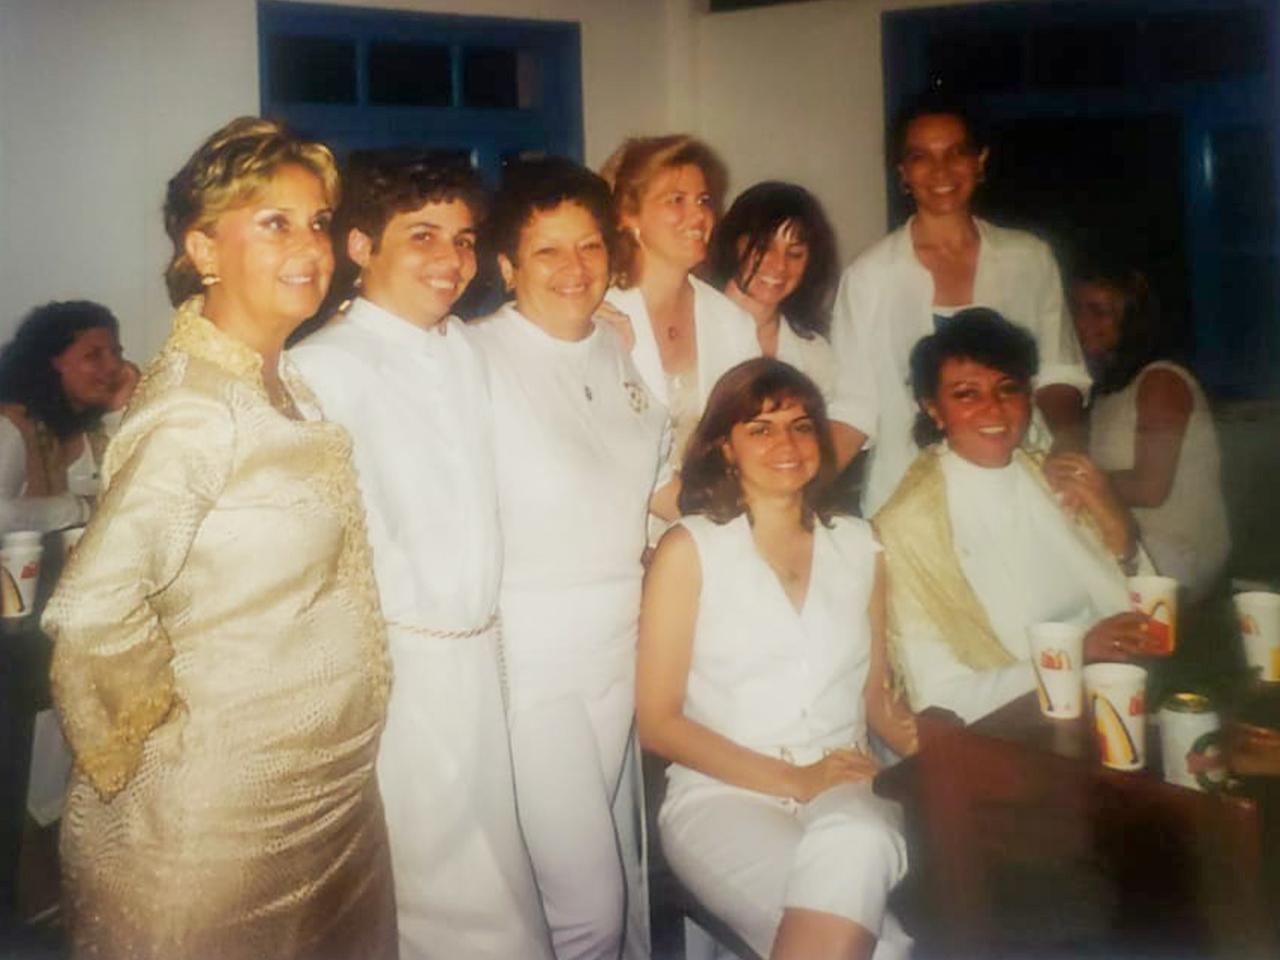 Sonia Mesquita e grande parte da ala feminina dos fundadores.